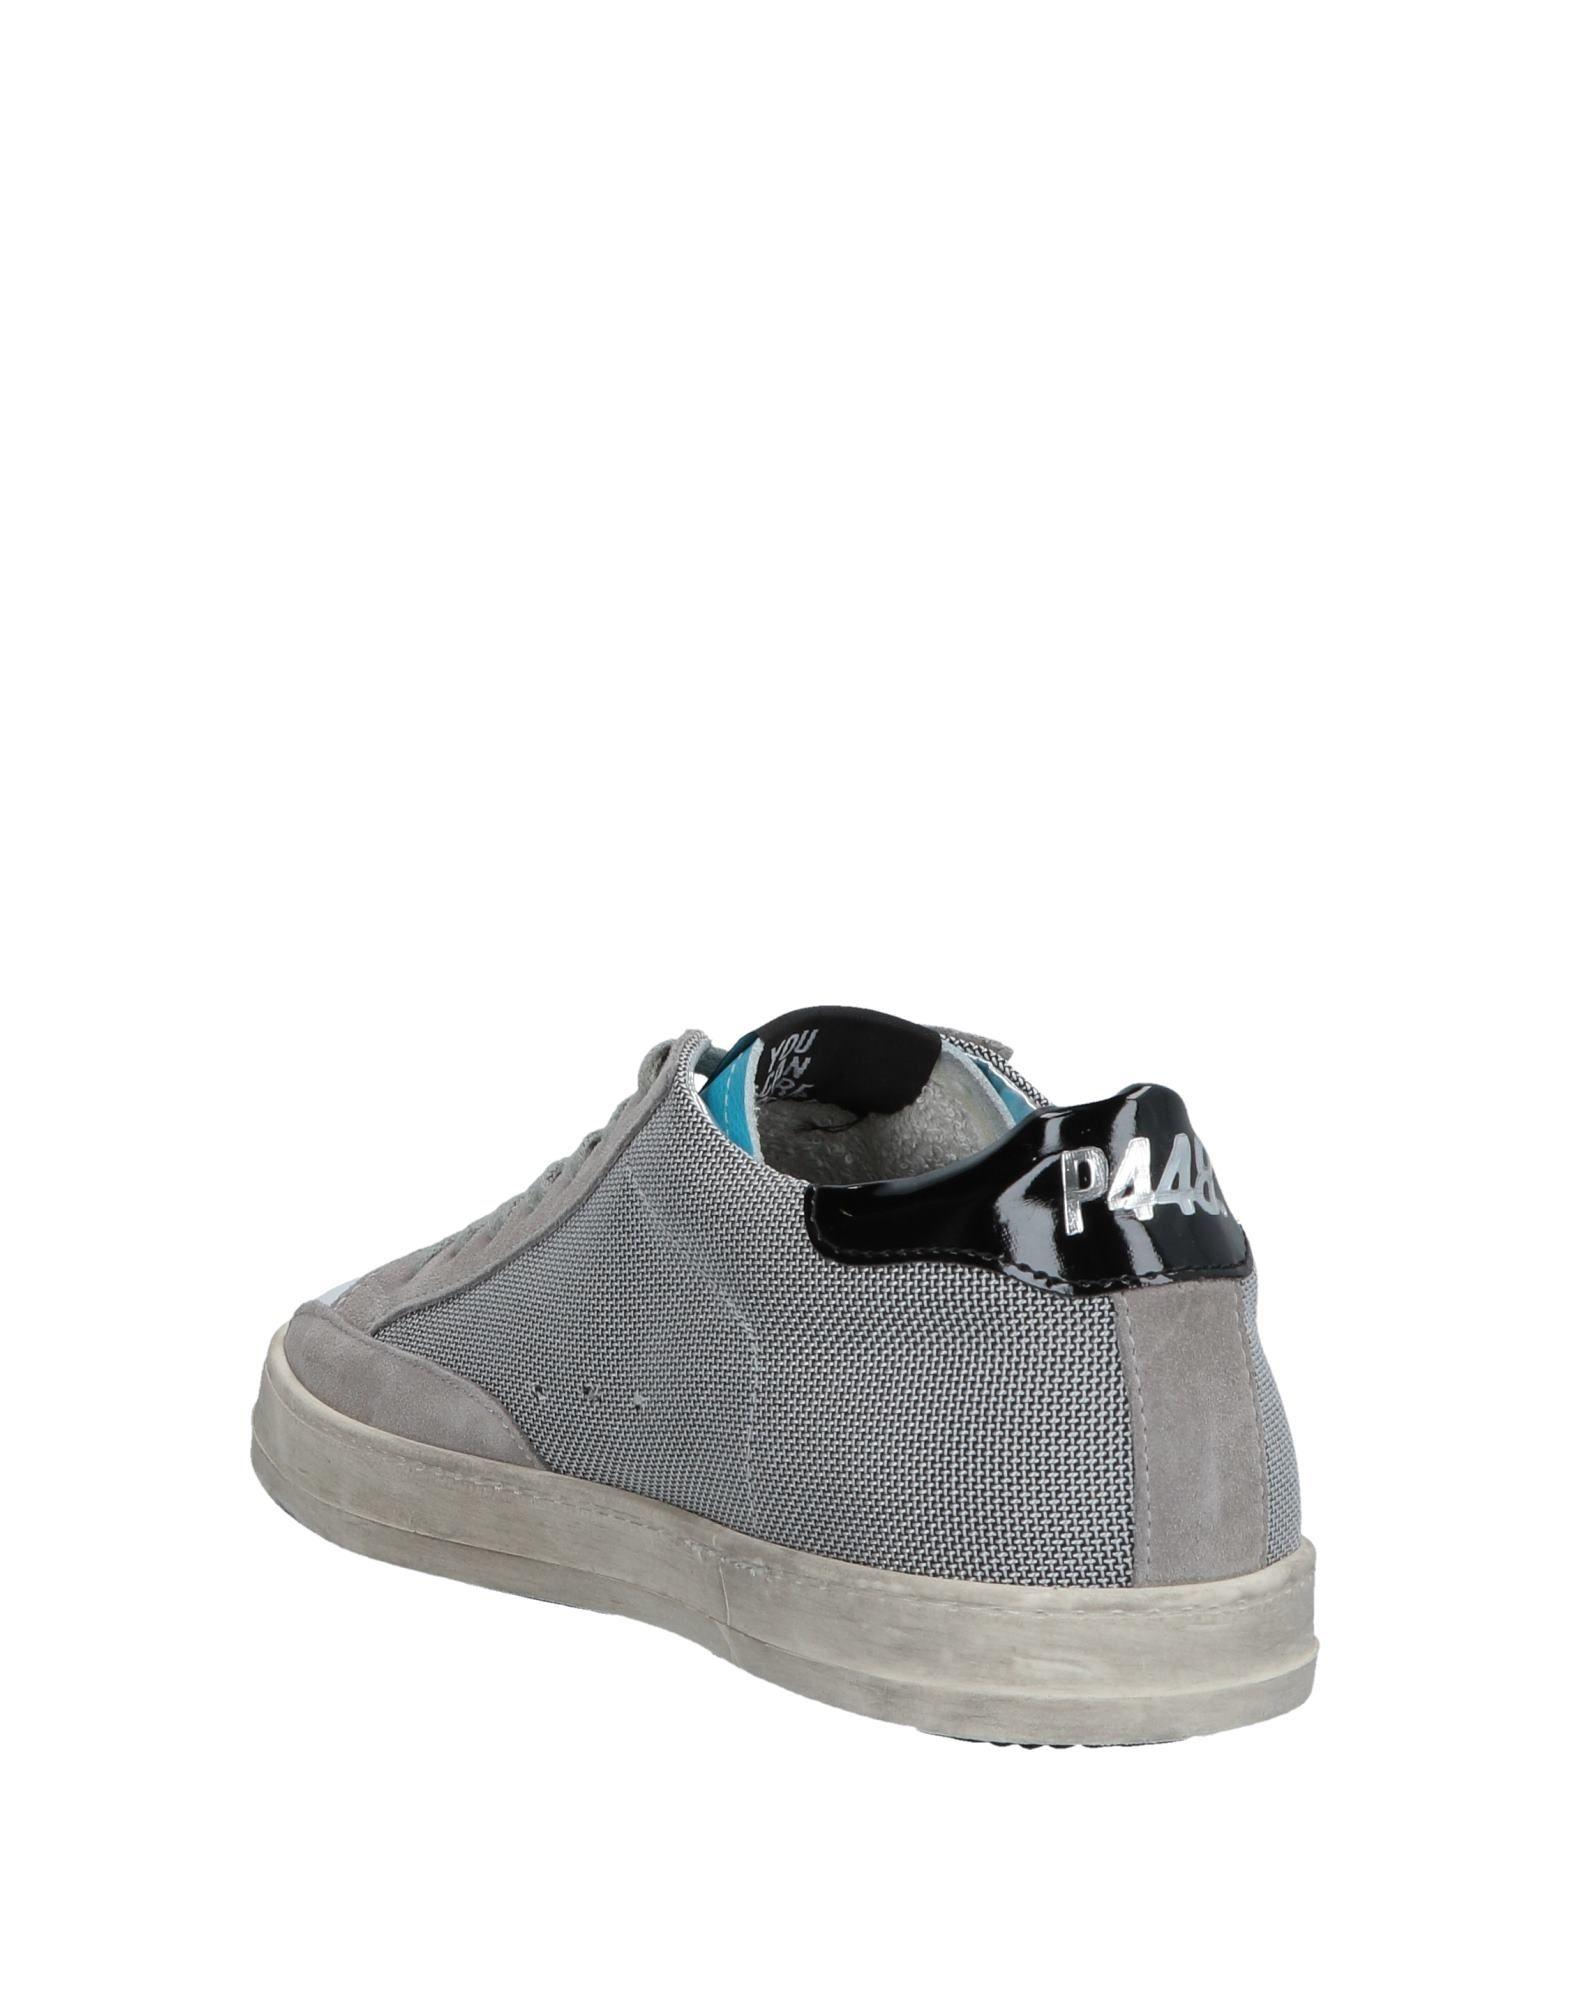 Rabatt echte Schuhe P448 Sneakers 11573151UG Herren  11573151UG Sneakers a940fb